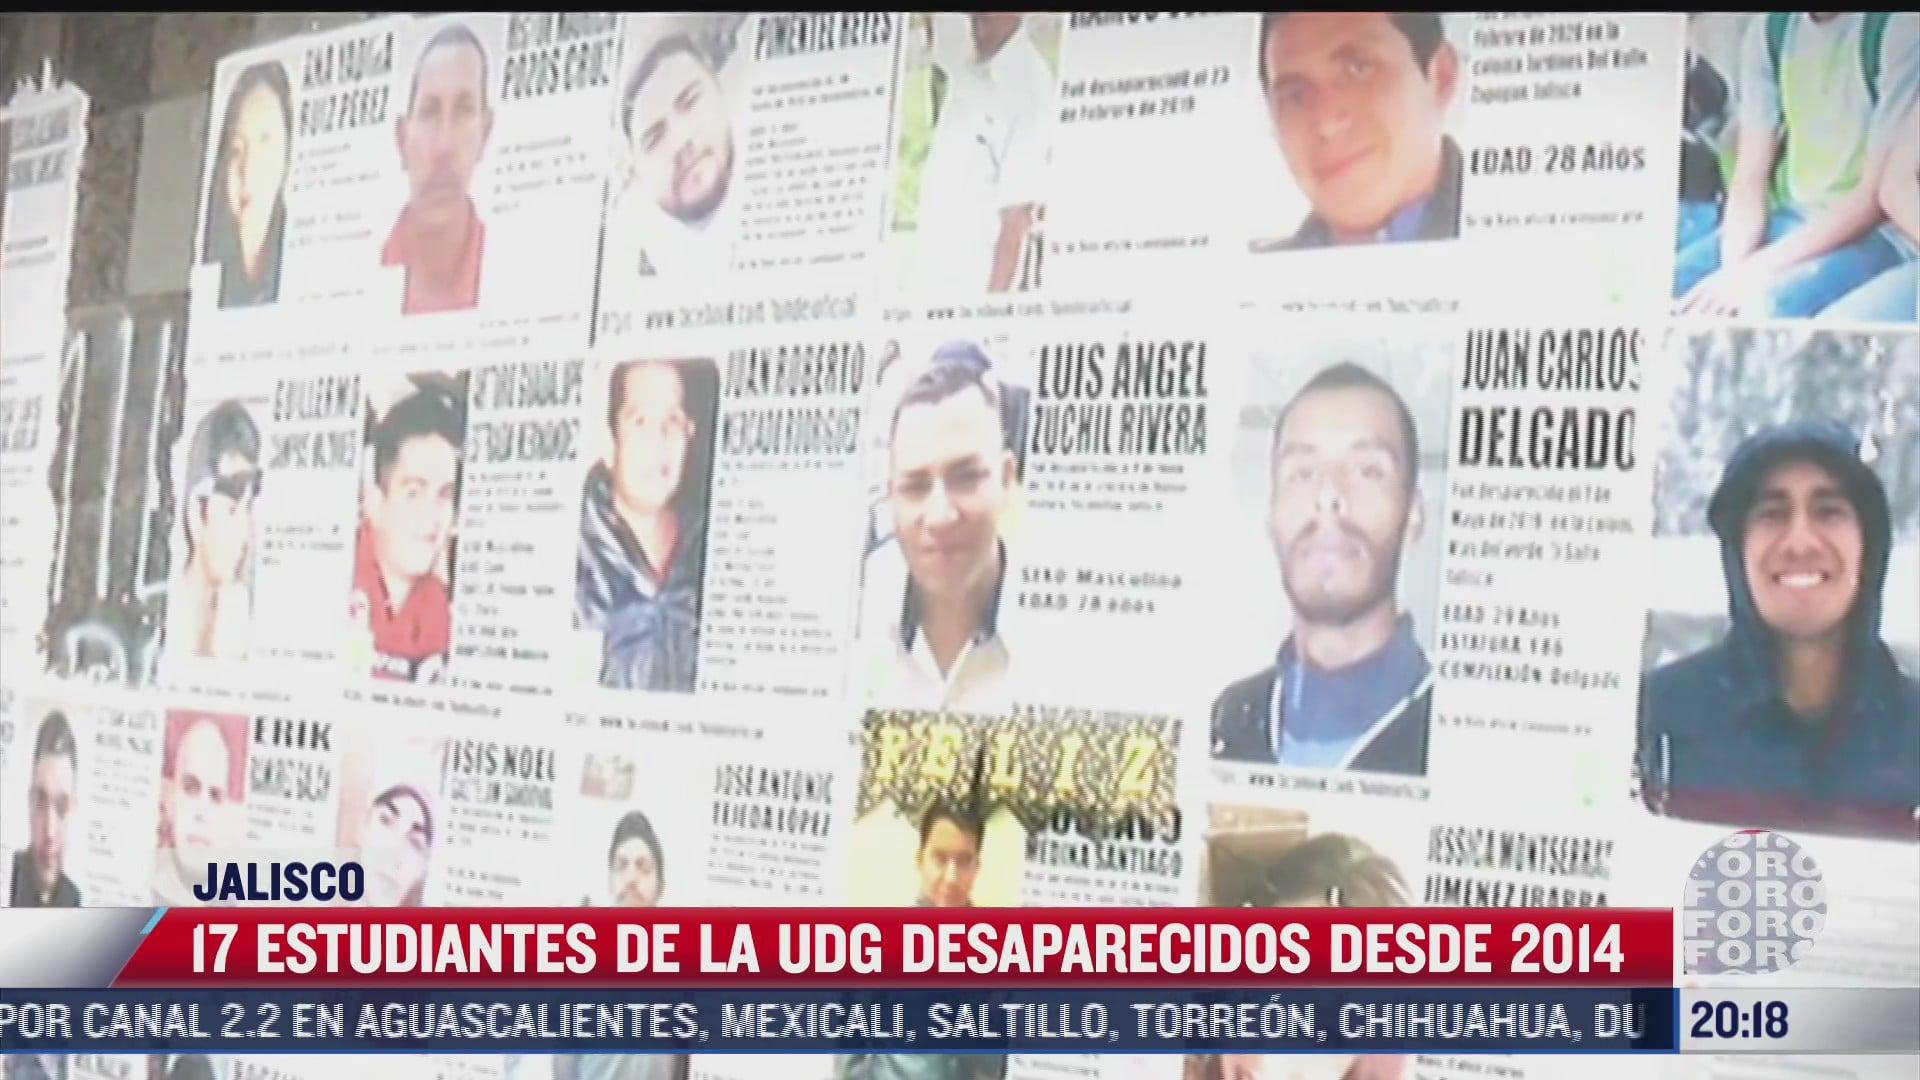 al menos 17 estudiantes de la udg han desaparecido desde